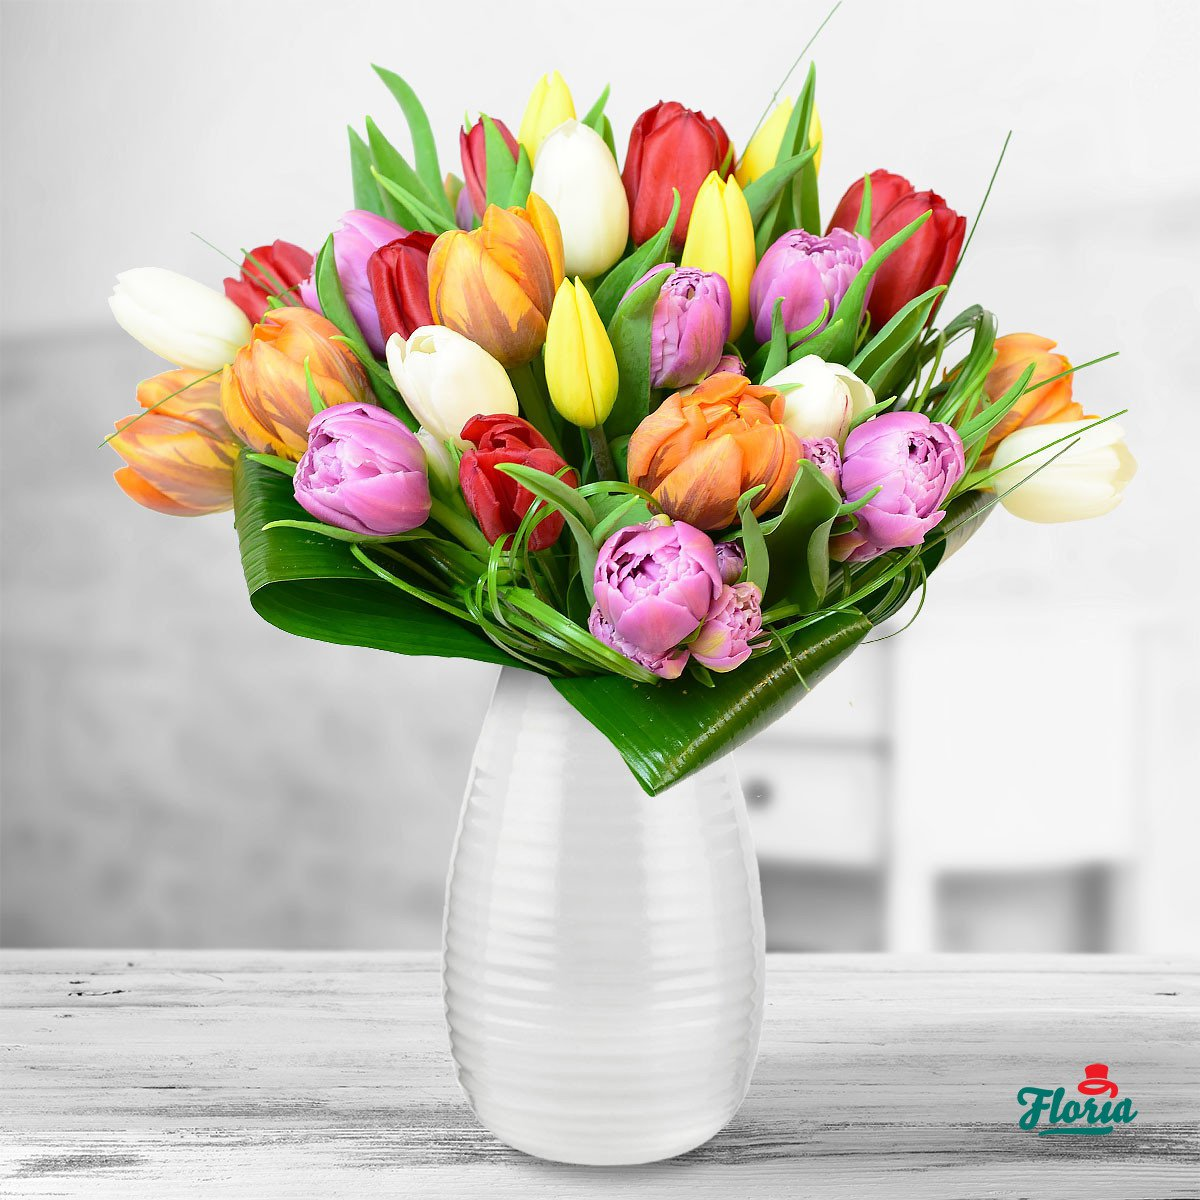 Misterul florilor de primavara: lalelele